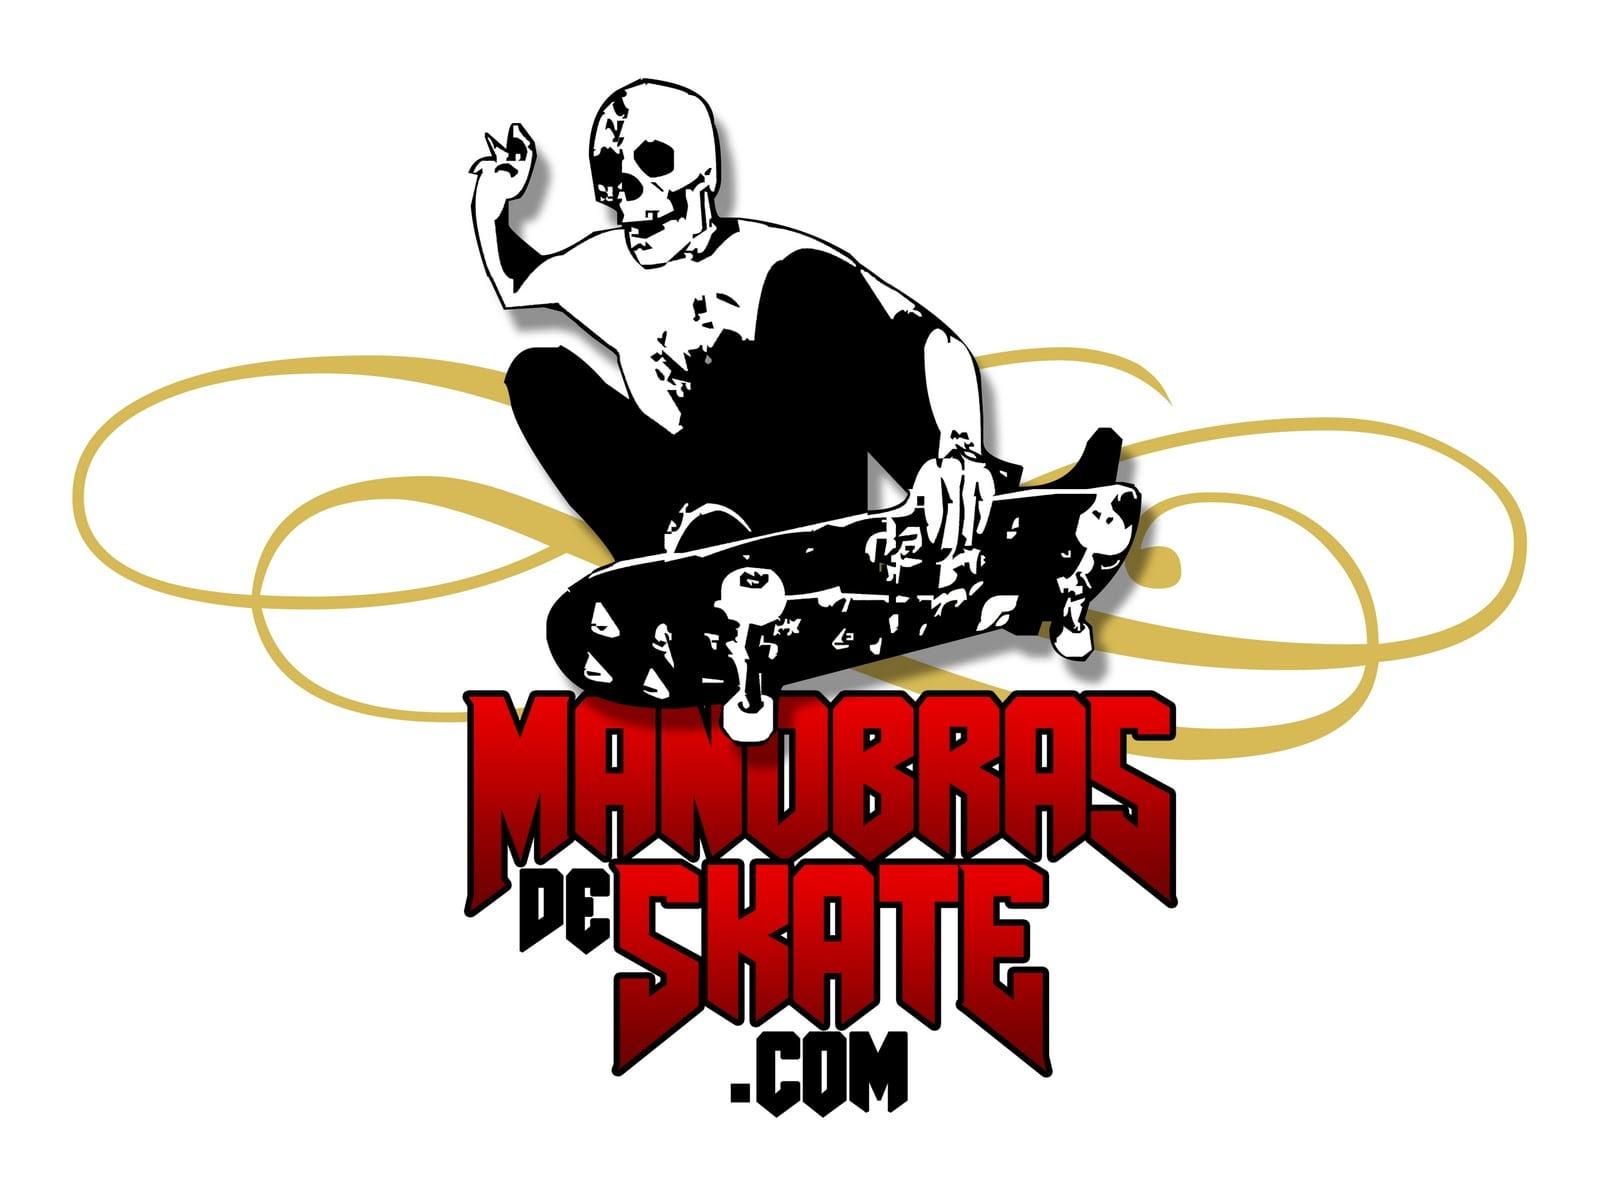 Manobras De Skate